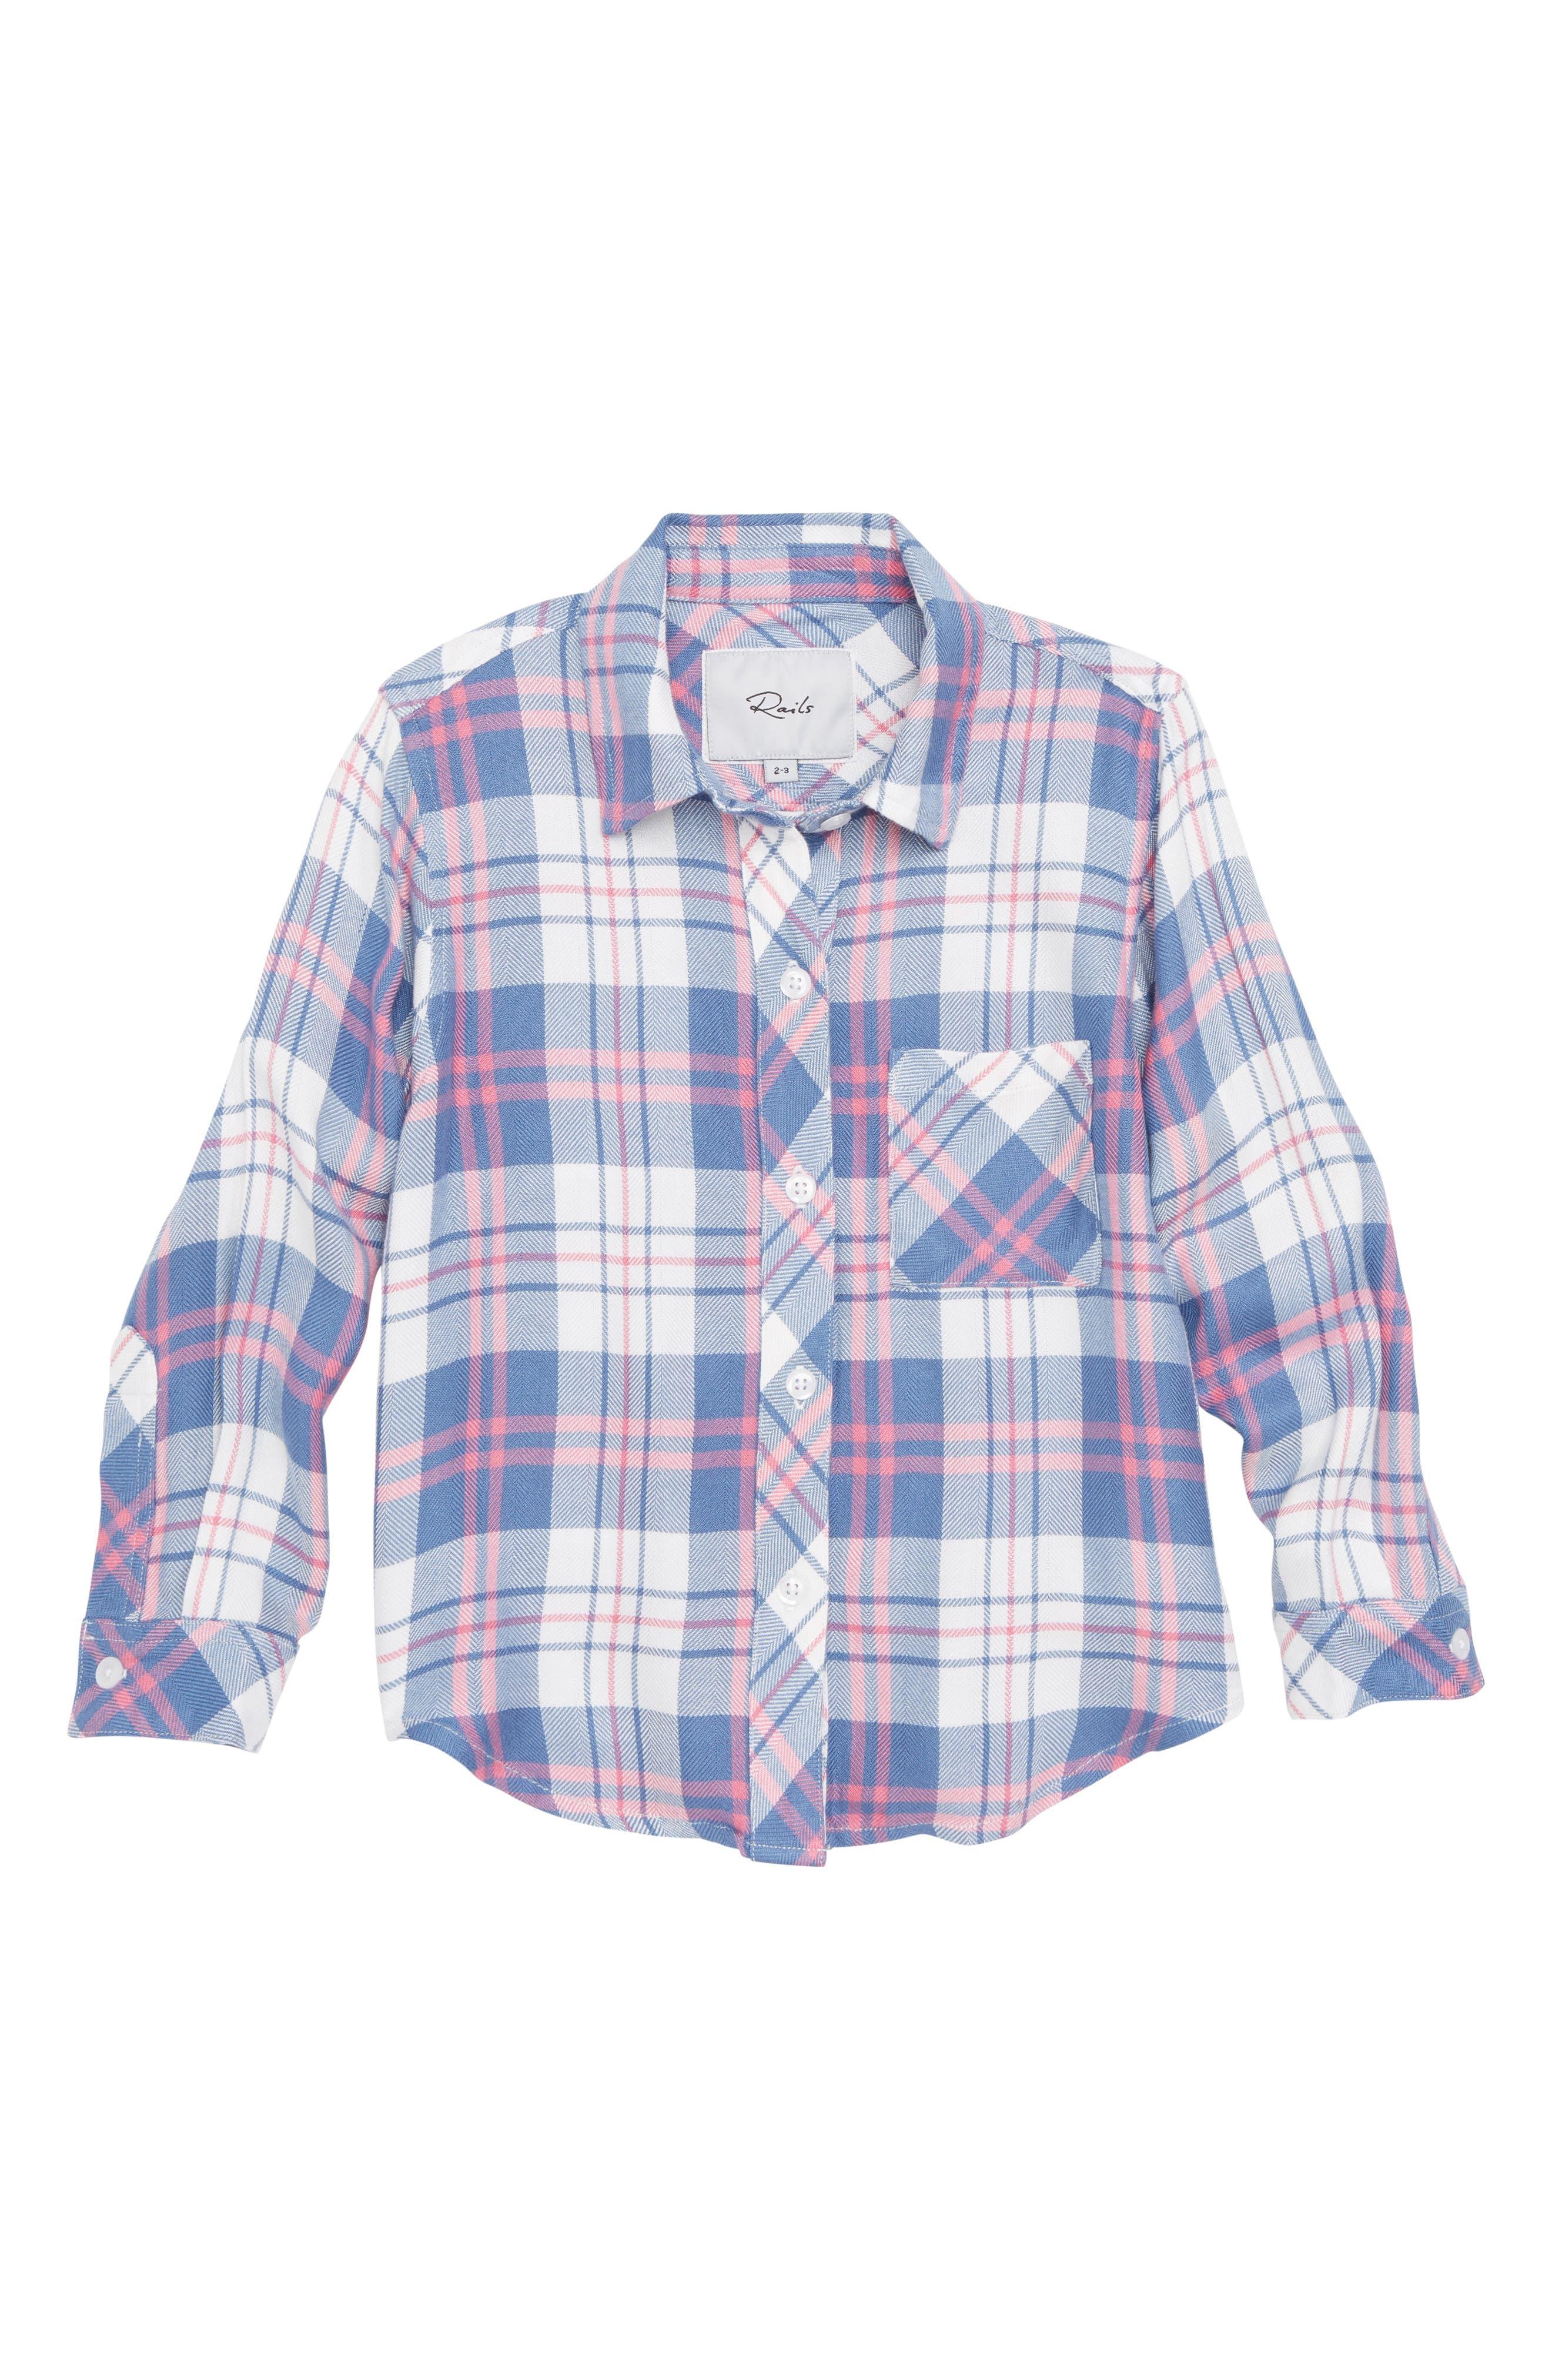 Hudson Plaid Shirt,                         Main,                         color, 109